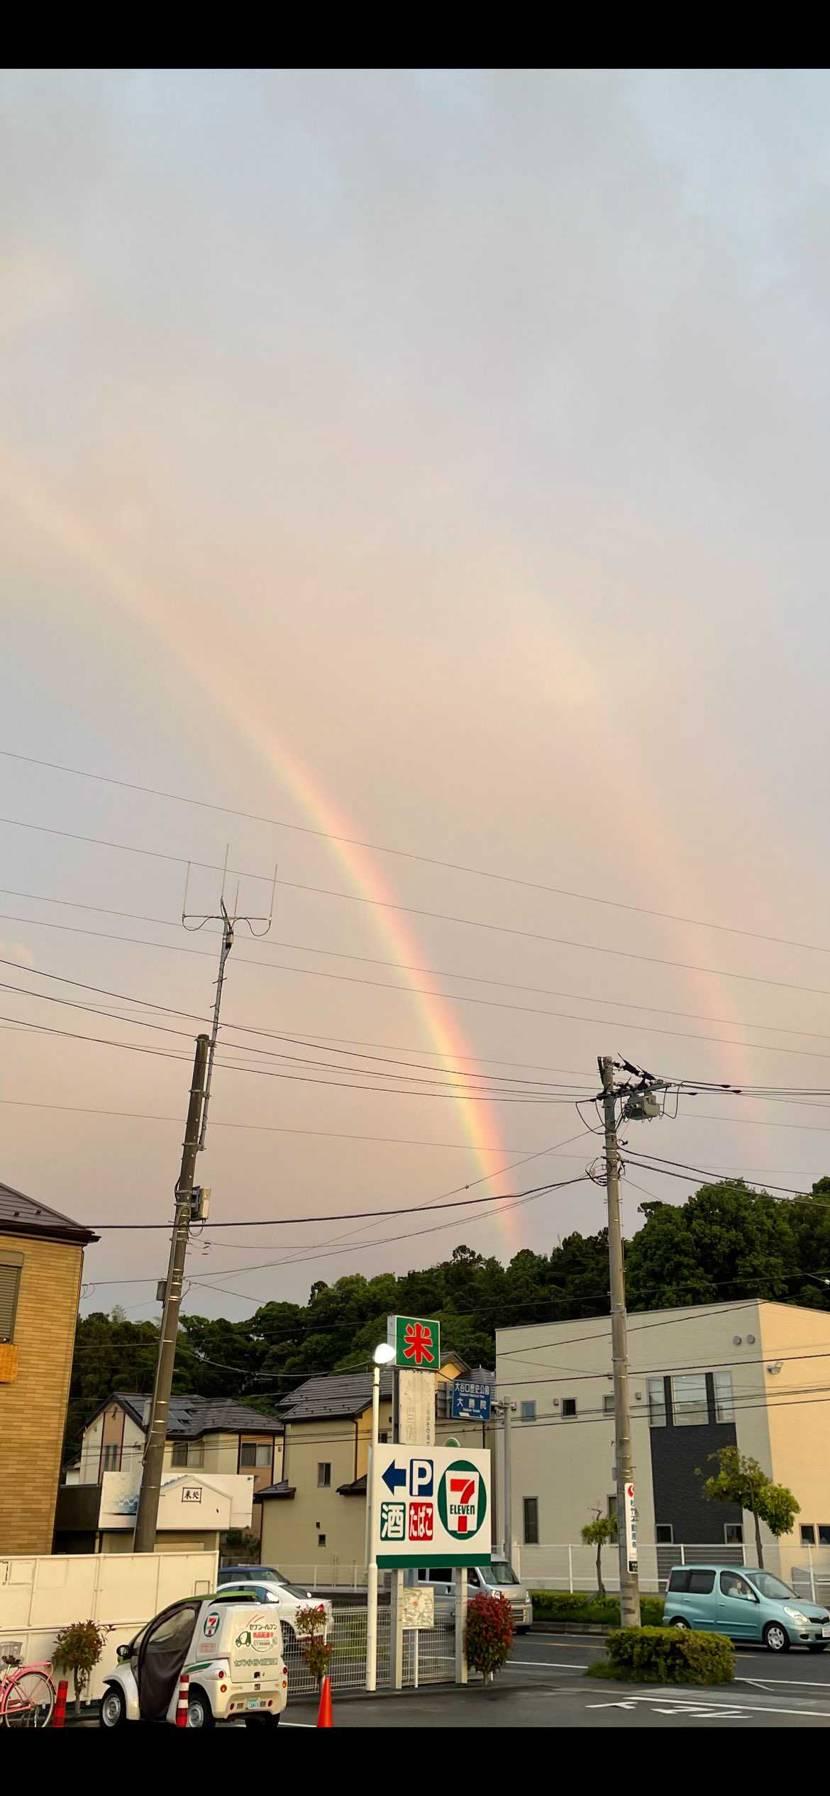 コロナ禍で、人々が下を俯きながら歩く昨今。 久しぶりに虹を見ました。 しかも